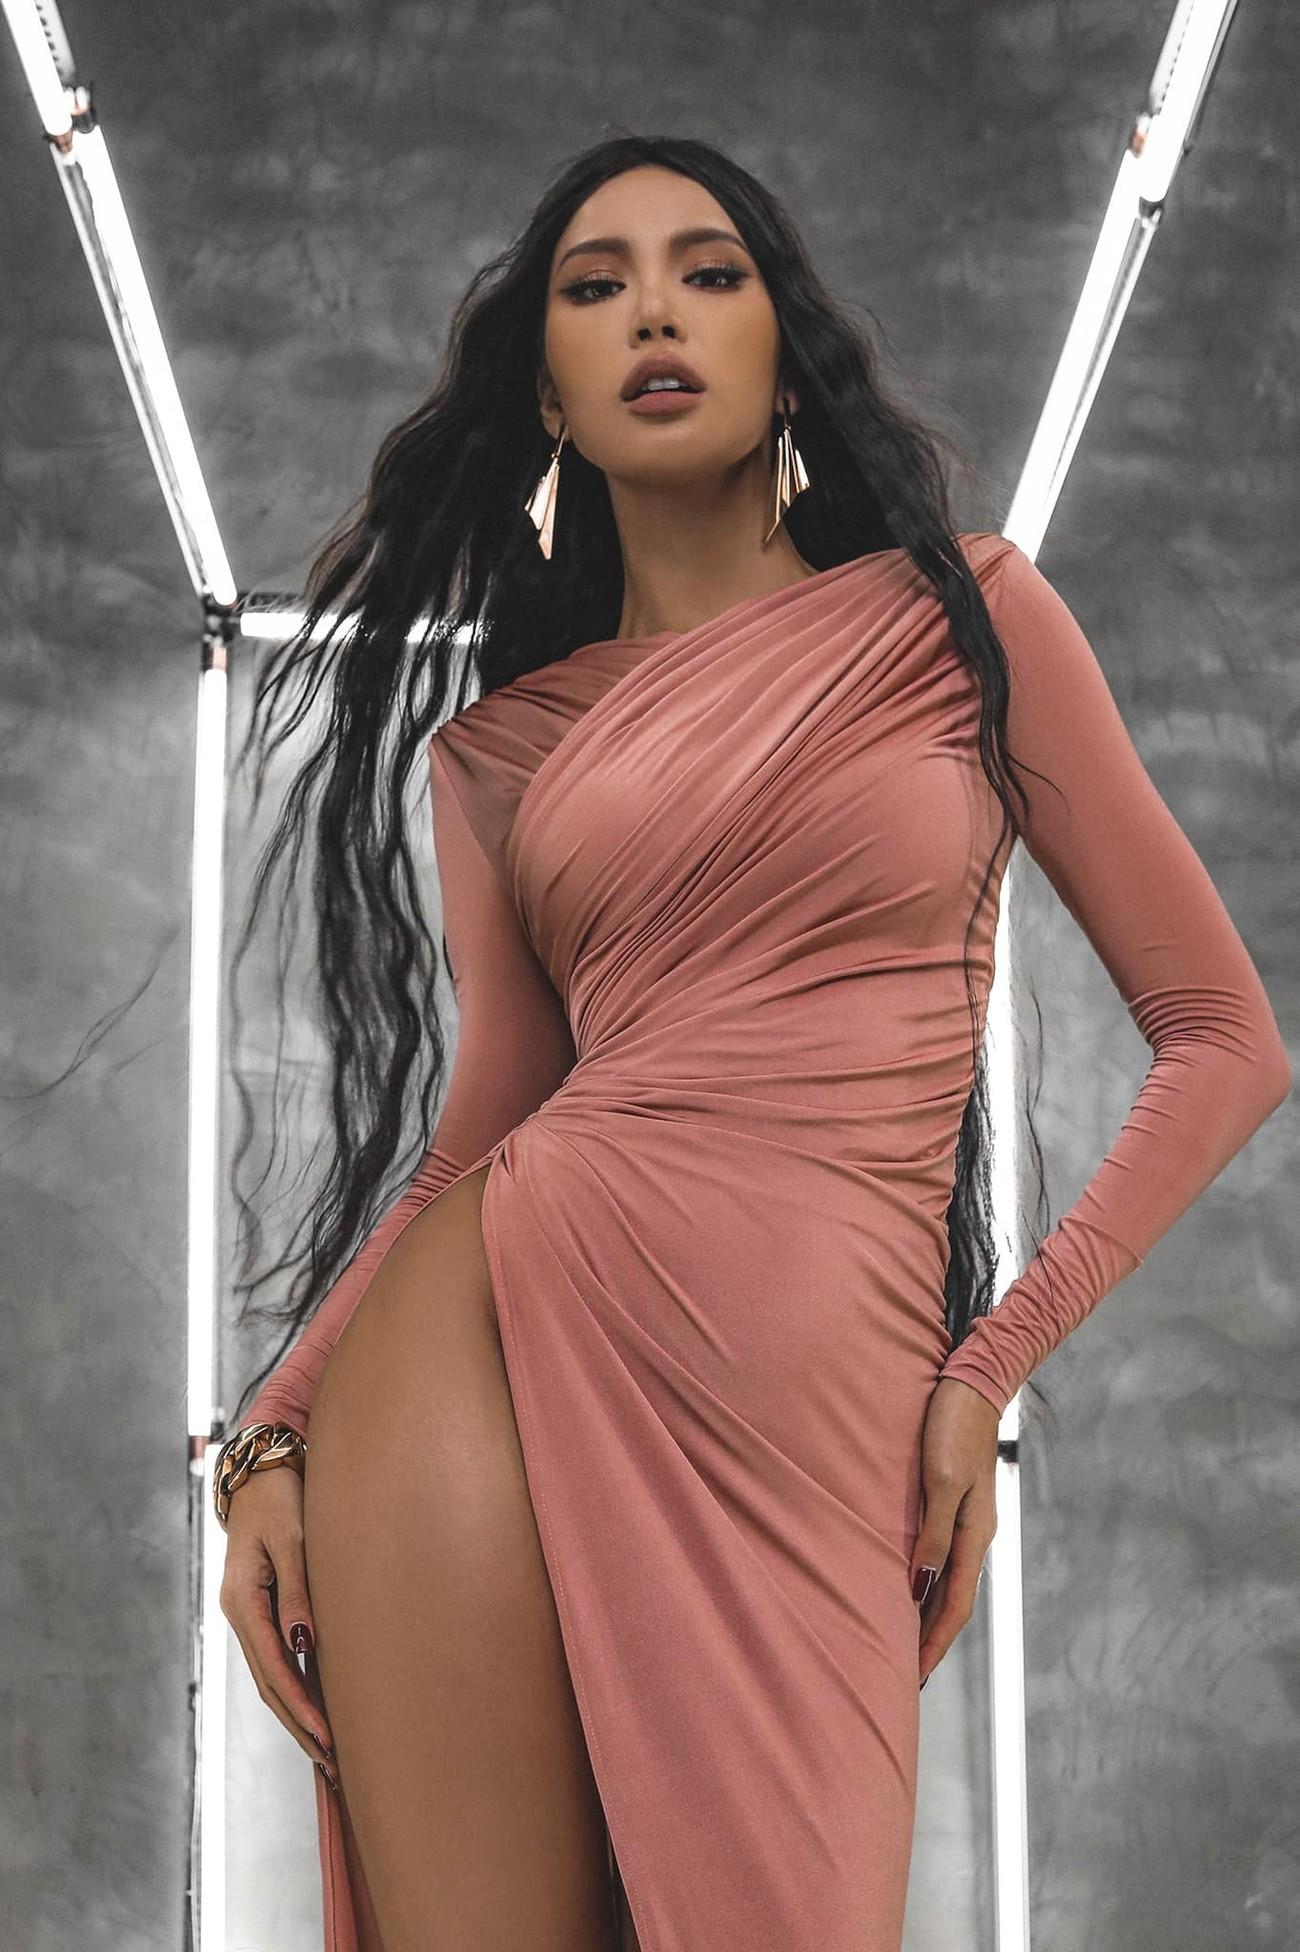 'Đụng hàng' chiếc váy xanh cúp ngực sexy, Hoàng Thuỳ-Minh Tú đẹp 'bất phân thắng bại' ảnh 6